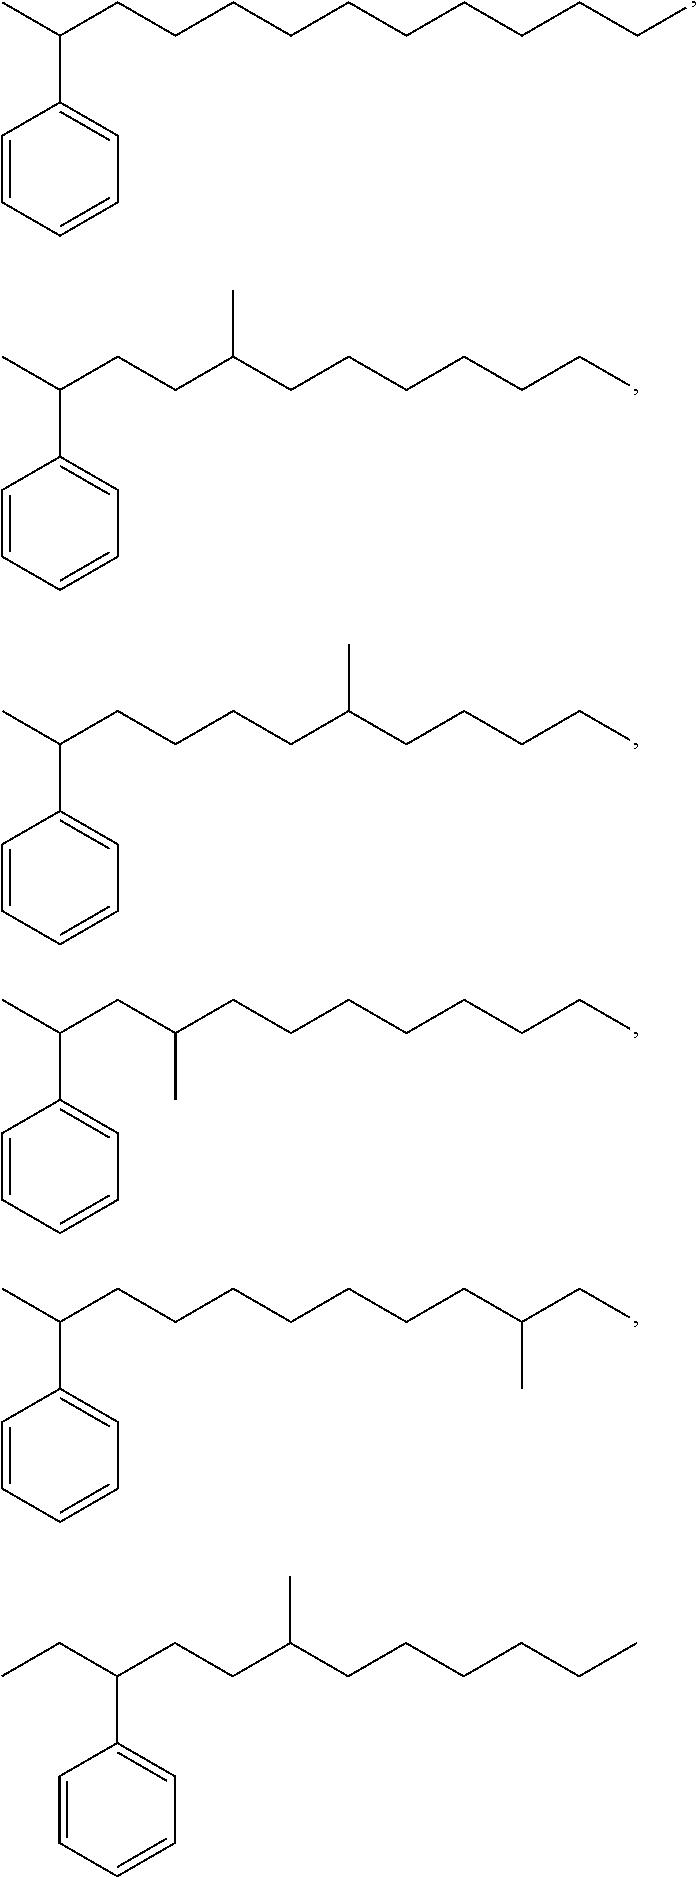 Figure US09193937-20151124-C00007